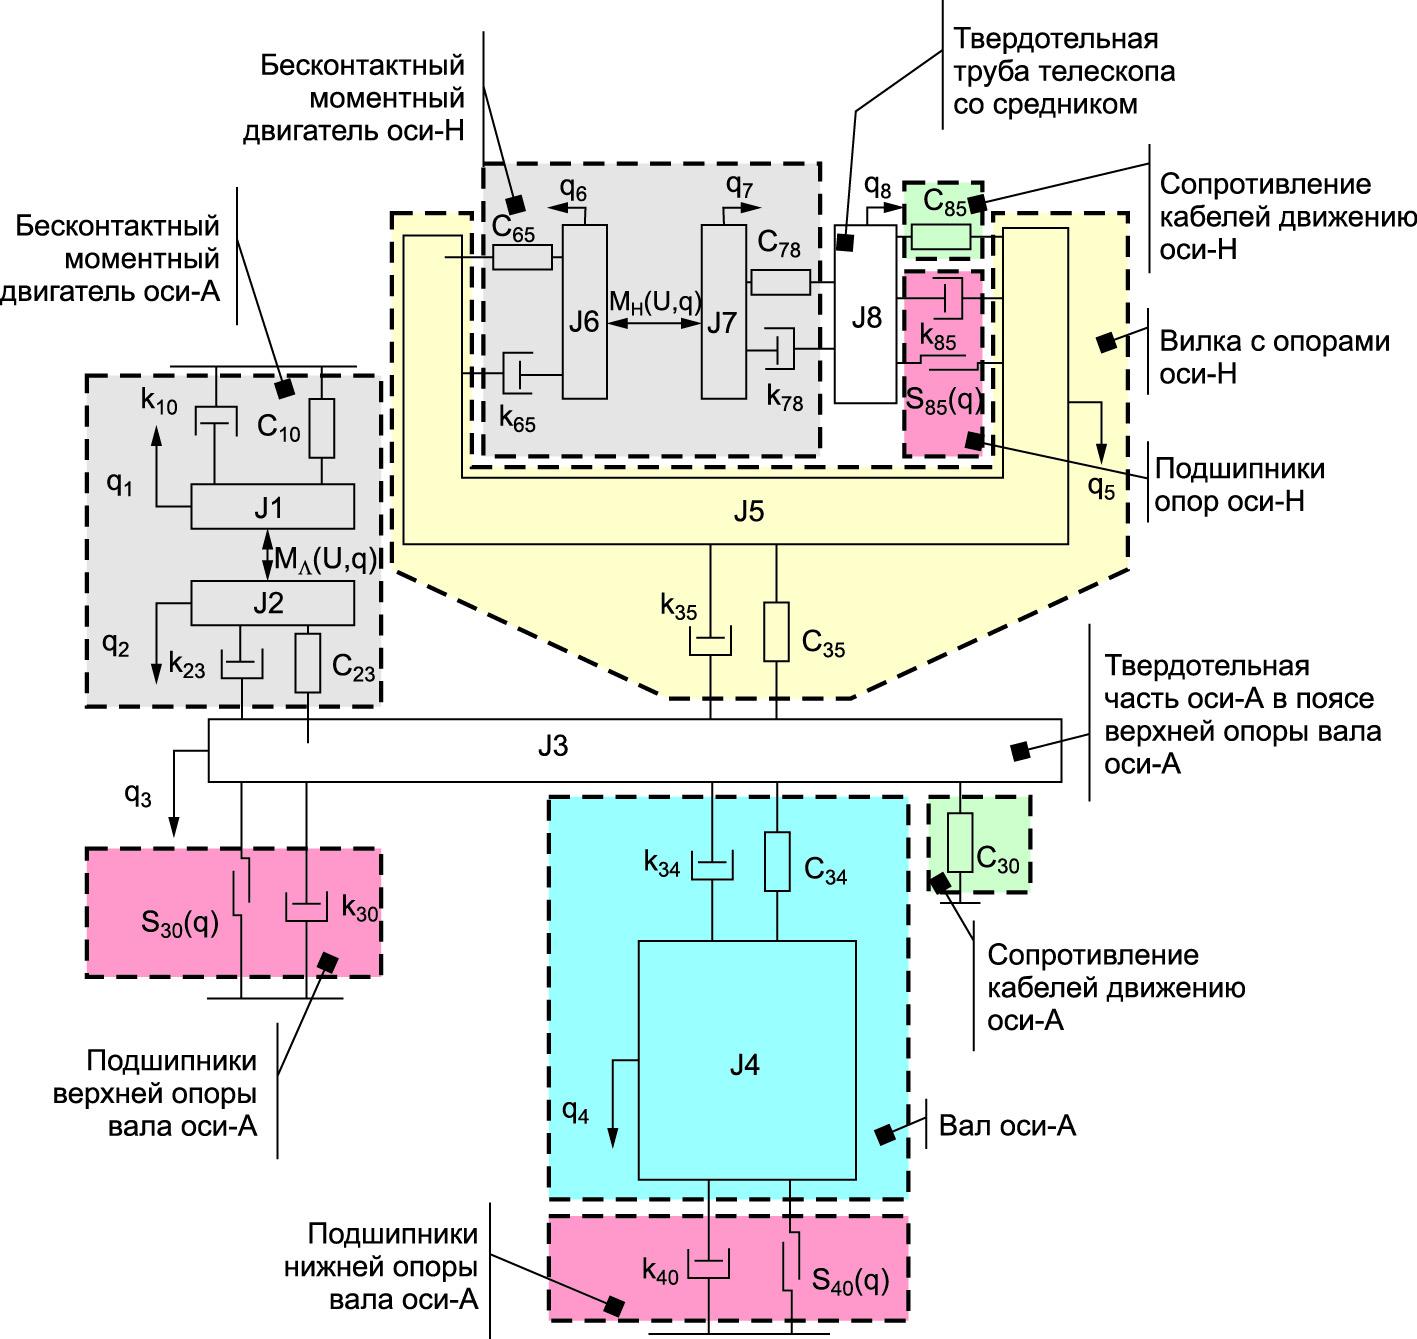 Расчетная схема ОПУ большого алтайского телескопа, принятая в имитационной модели